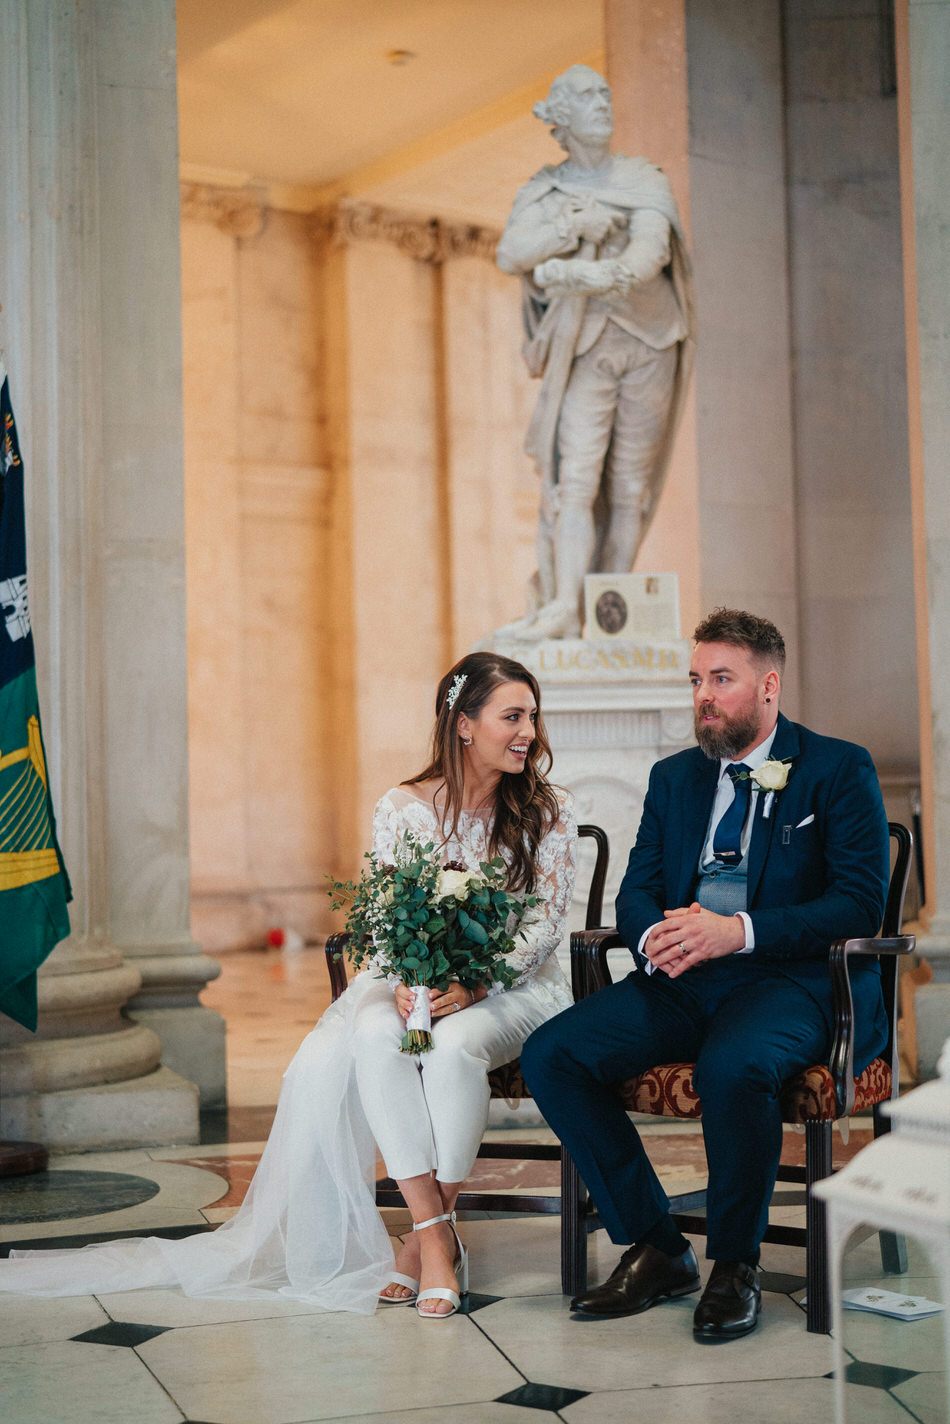 City-hall-dublin-wedding-photos-34 33